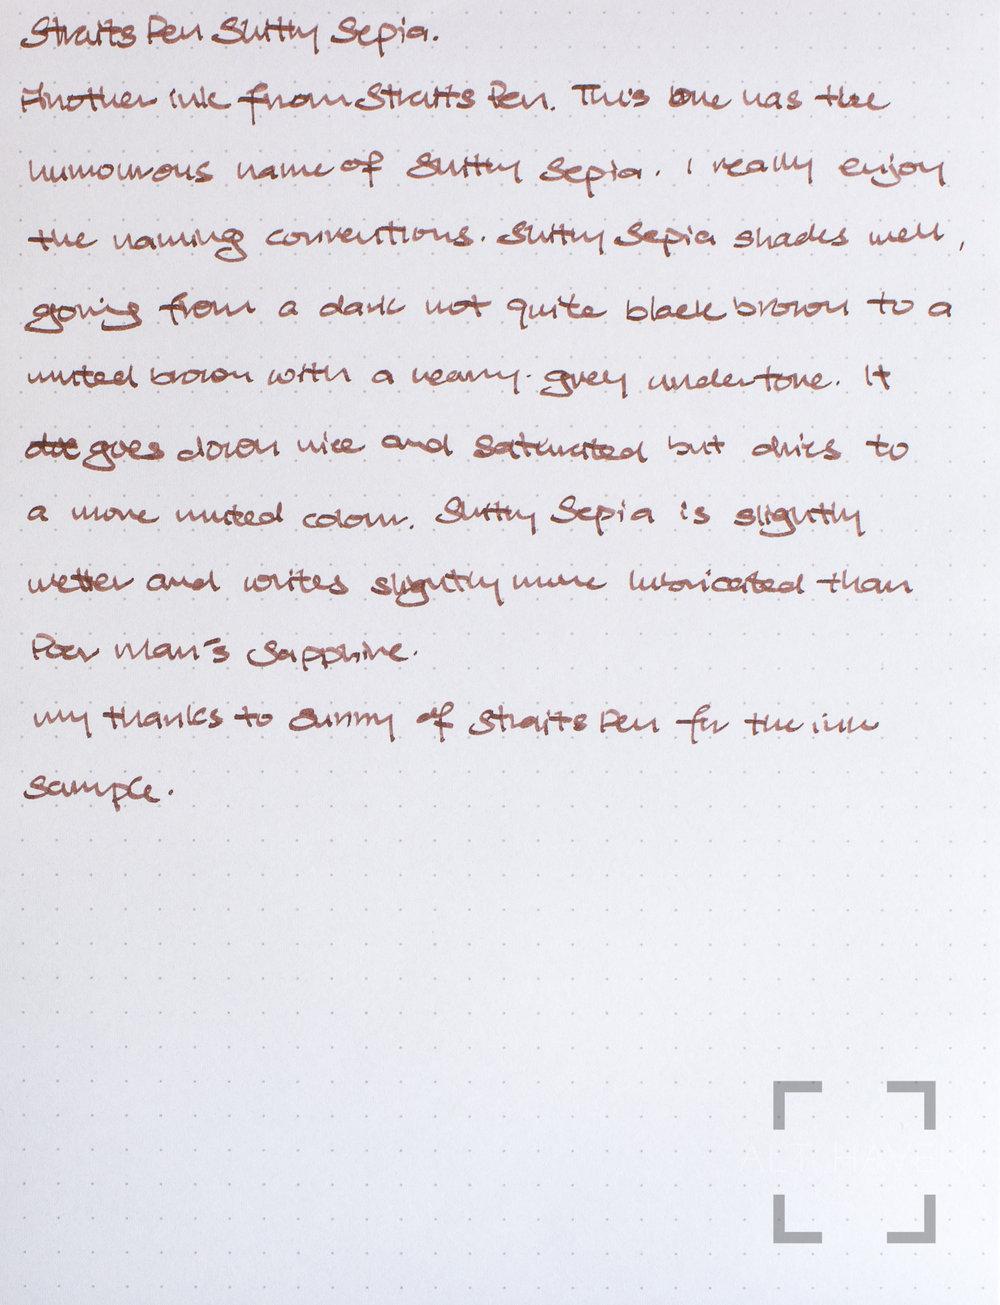 Straits Pen Shitty Sepia-2.jpg